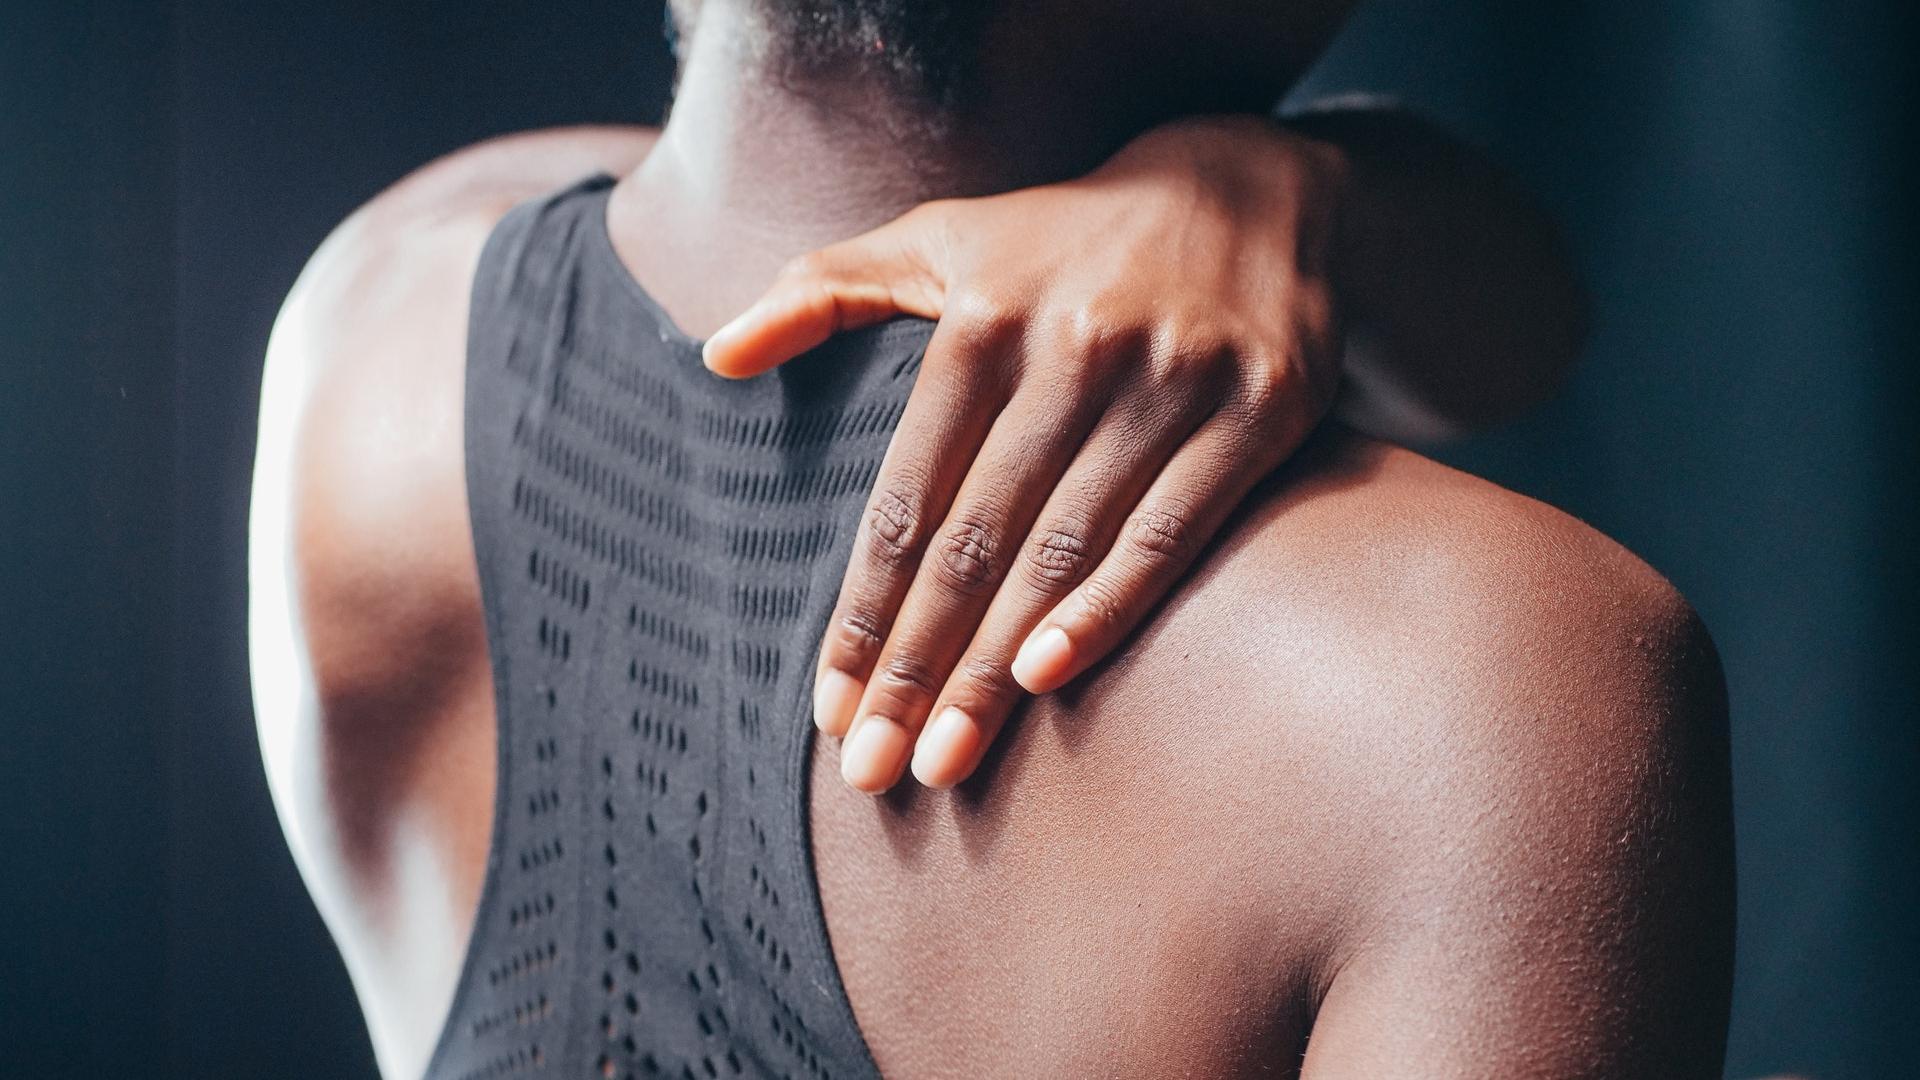 Indem Sie Ihre Rückenhaltung verbessern, können Sie Rückenschmerzen und Fehlhaltungen vorbeugen.